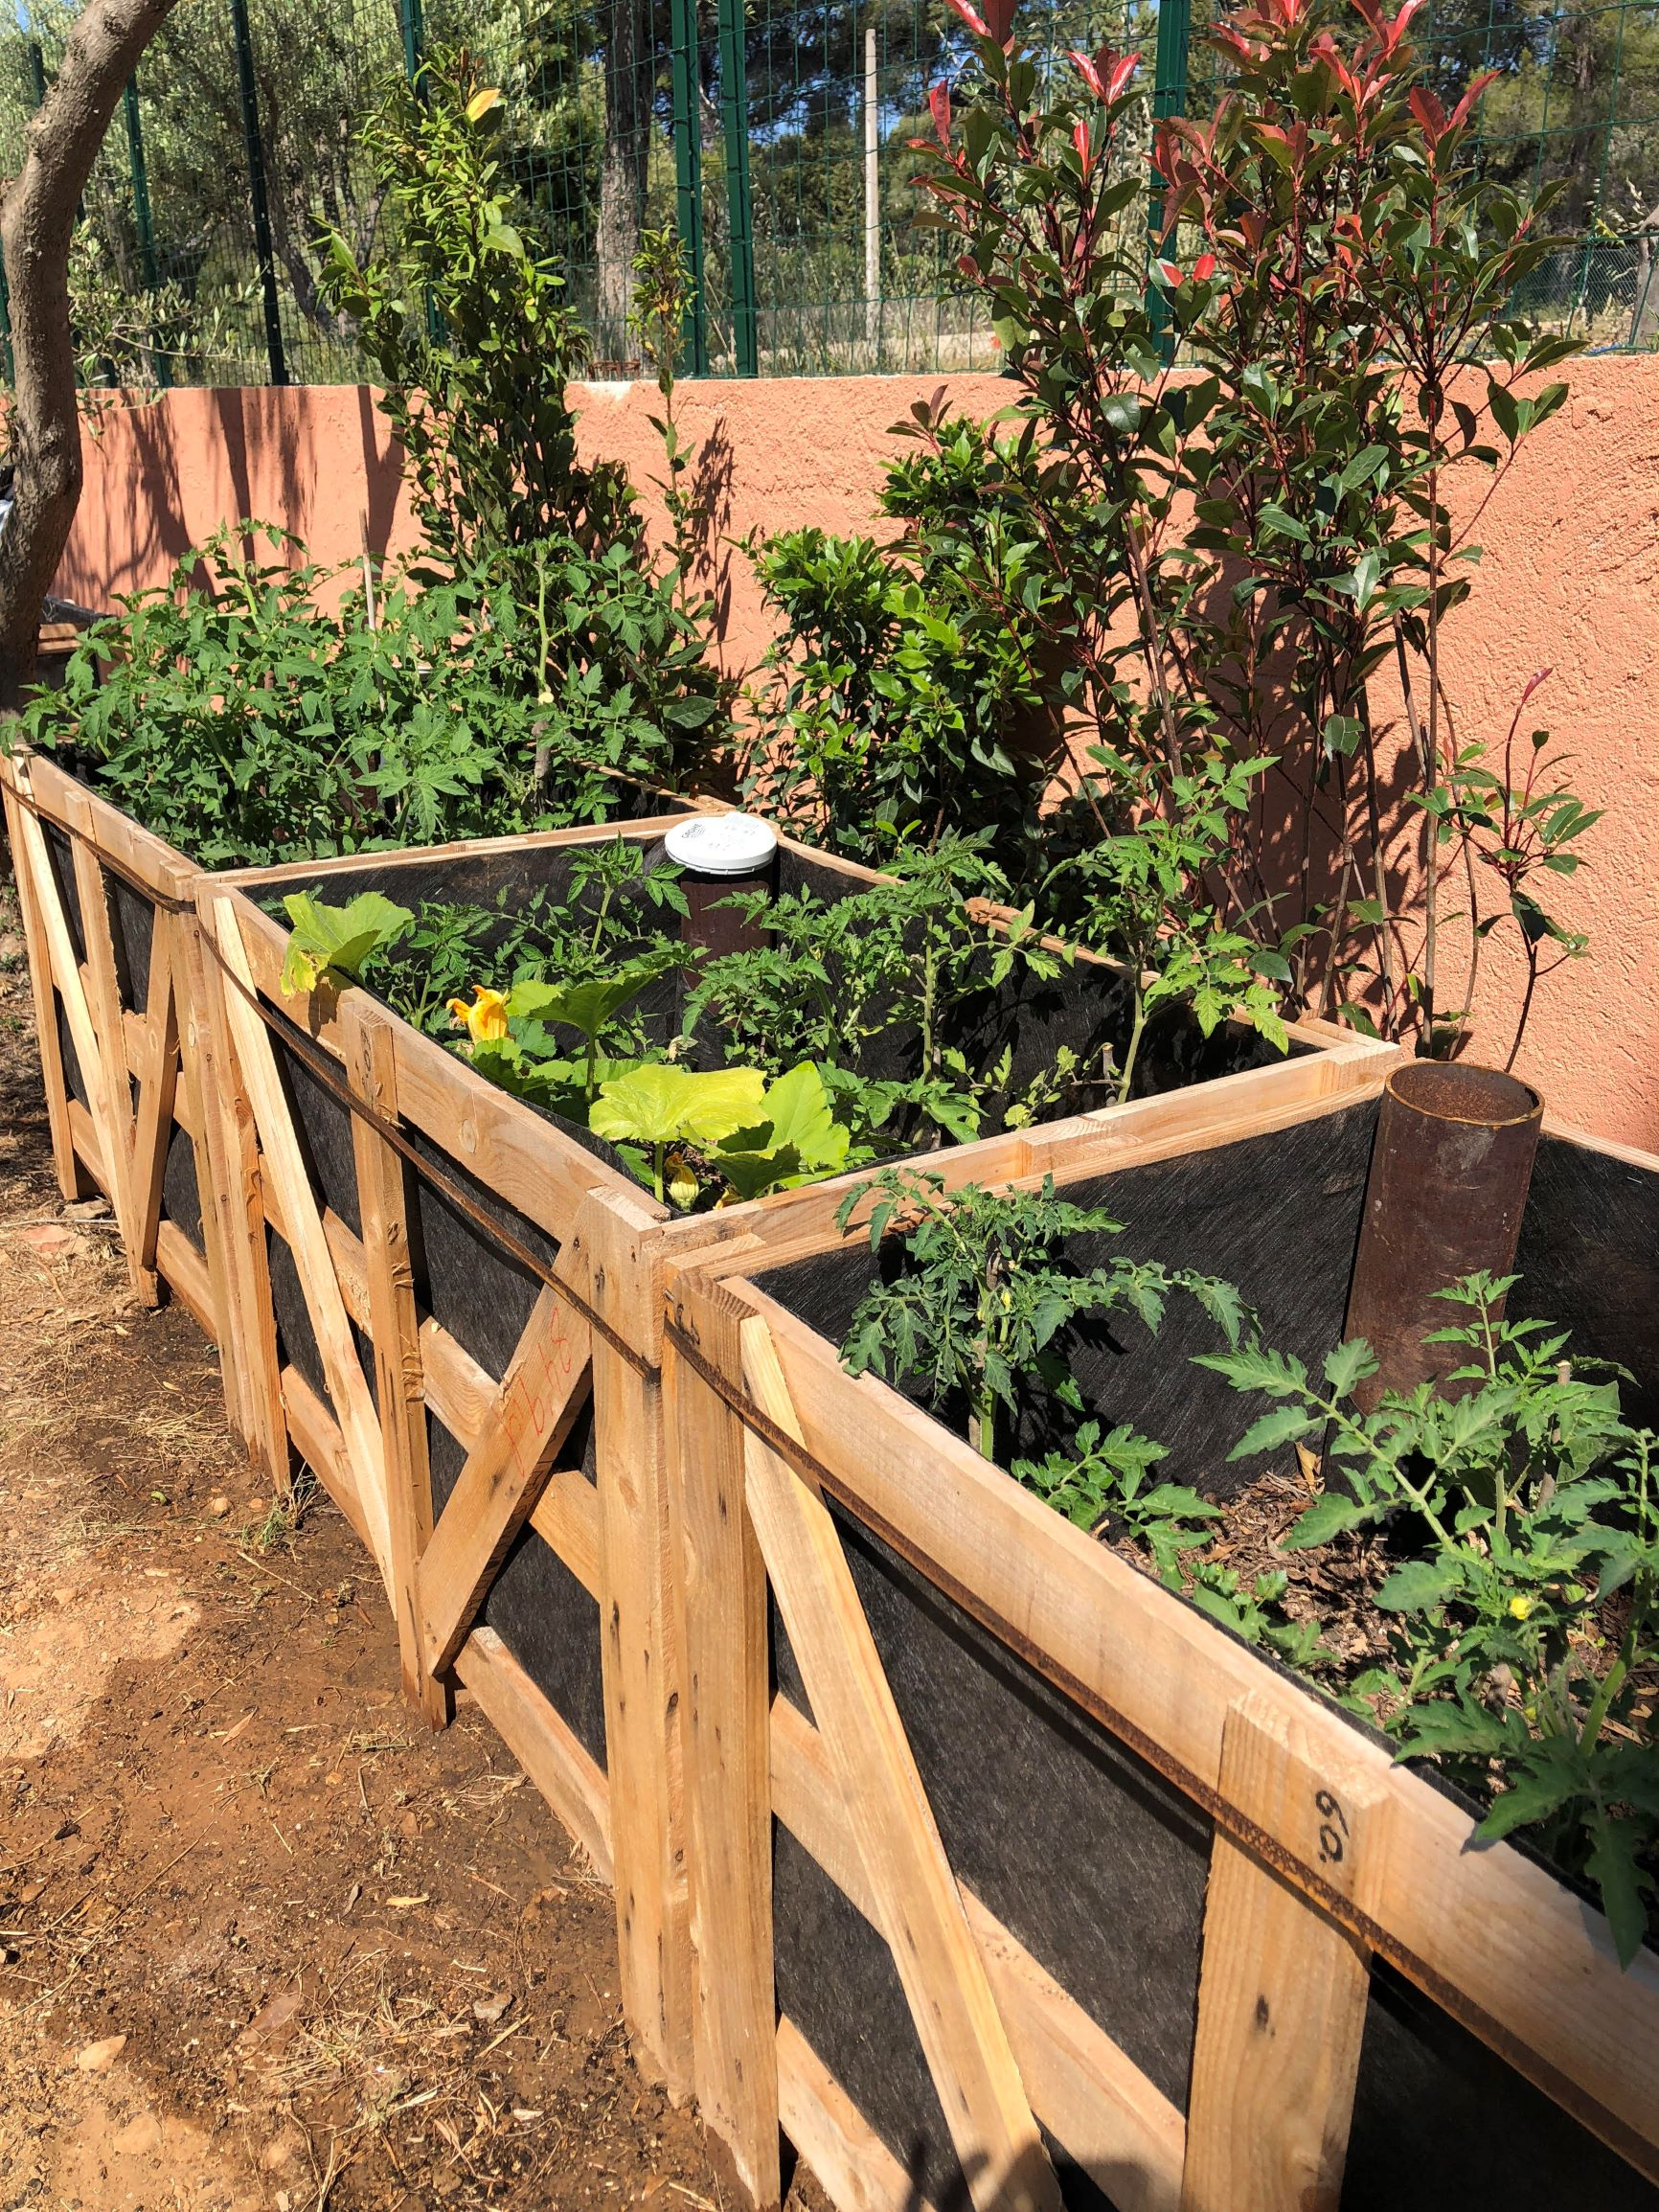 Legumes A Mettre Dans Le Jardin comment faire face devant le prochain épisode de sécheresse